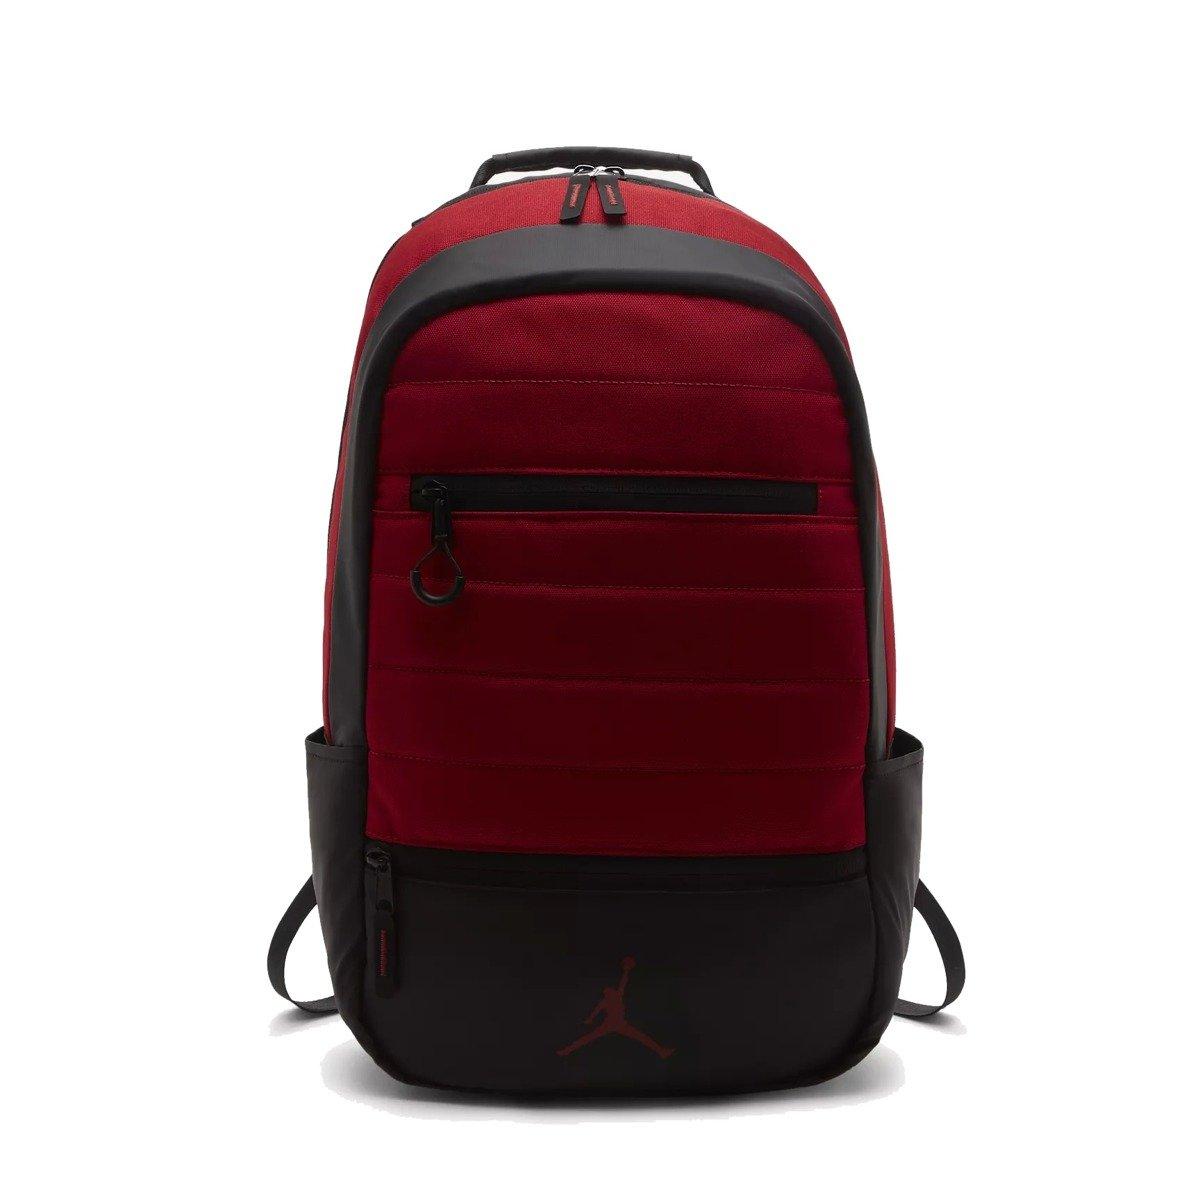 c71686ad72b9 Air Jordan Airborne Backpack - HA2738-678